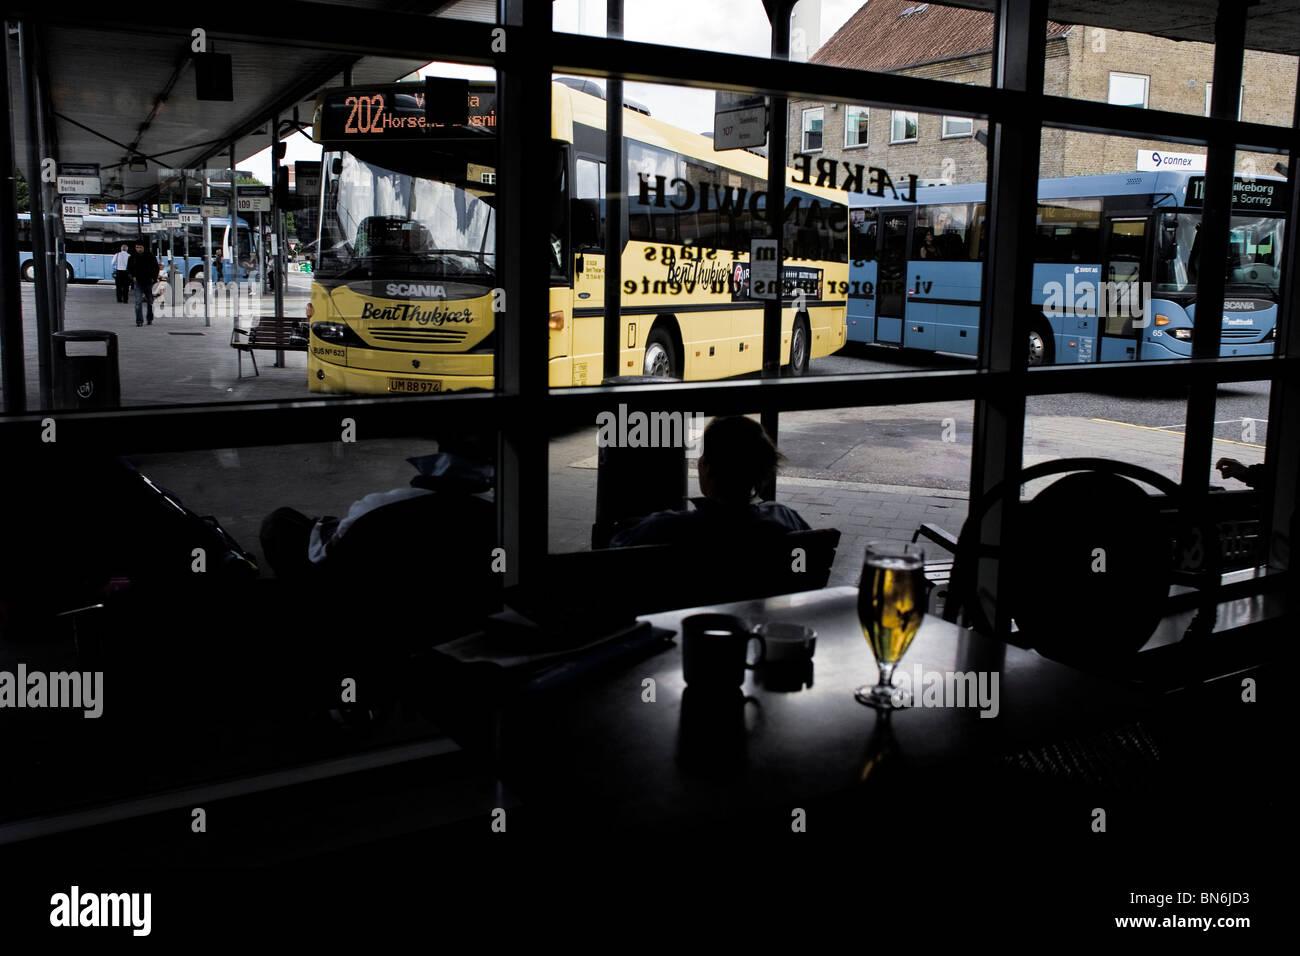 Estacion de Autobuses. Arhus. Dinamarca. La estación de autobuses. Arhus. Dinamarca. Foto de stock